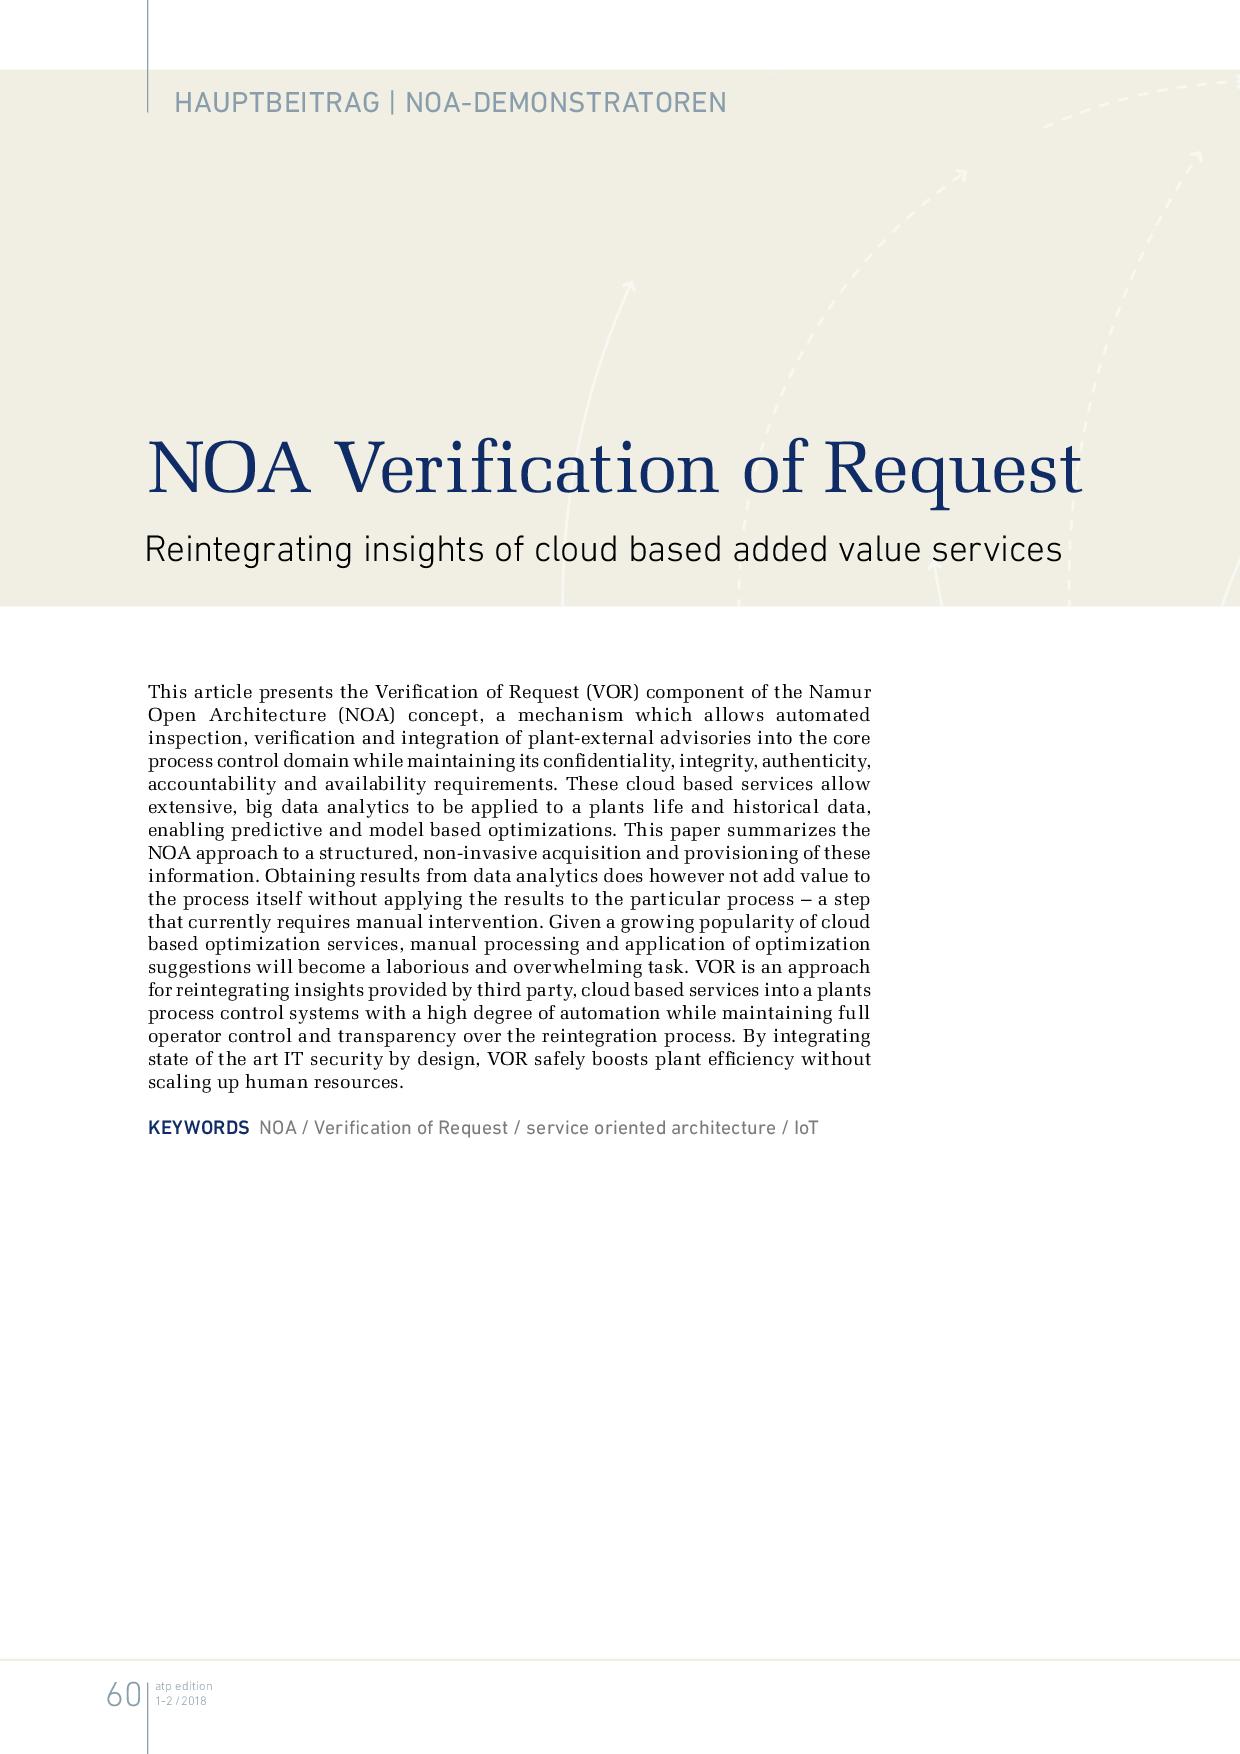 NOA Verification of Request